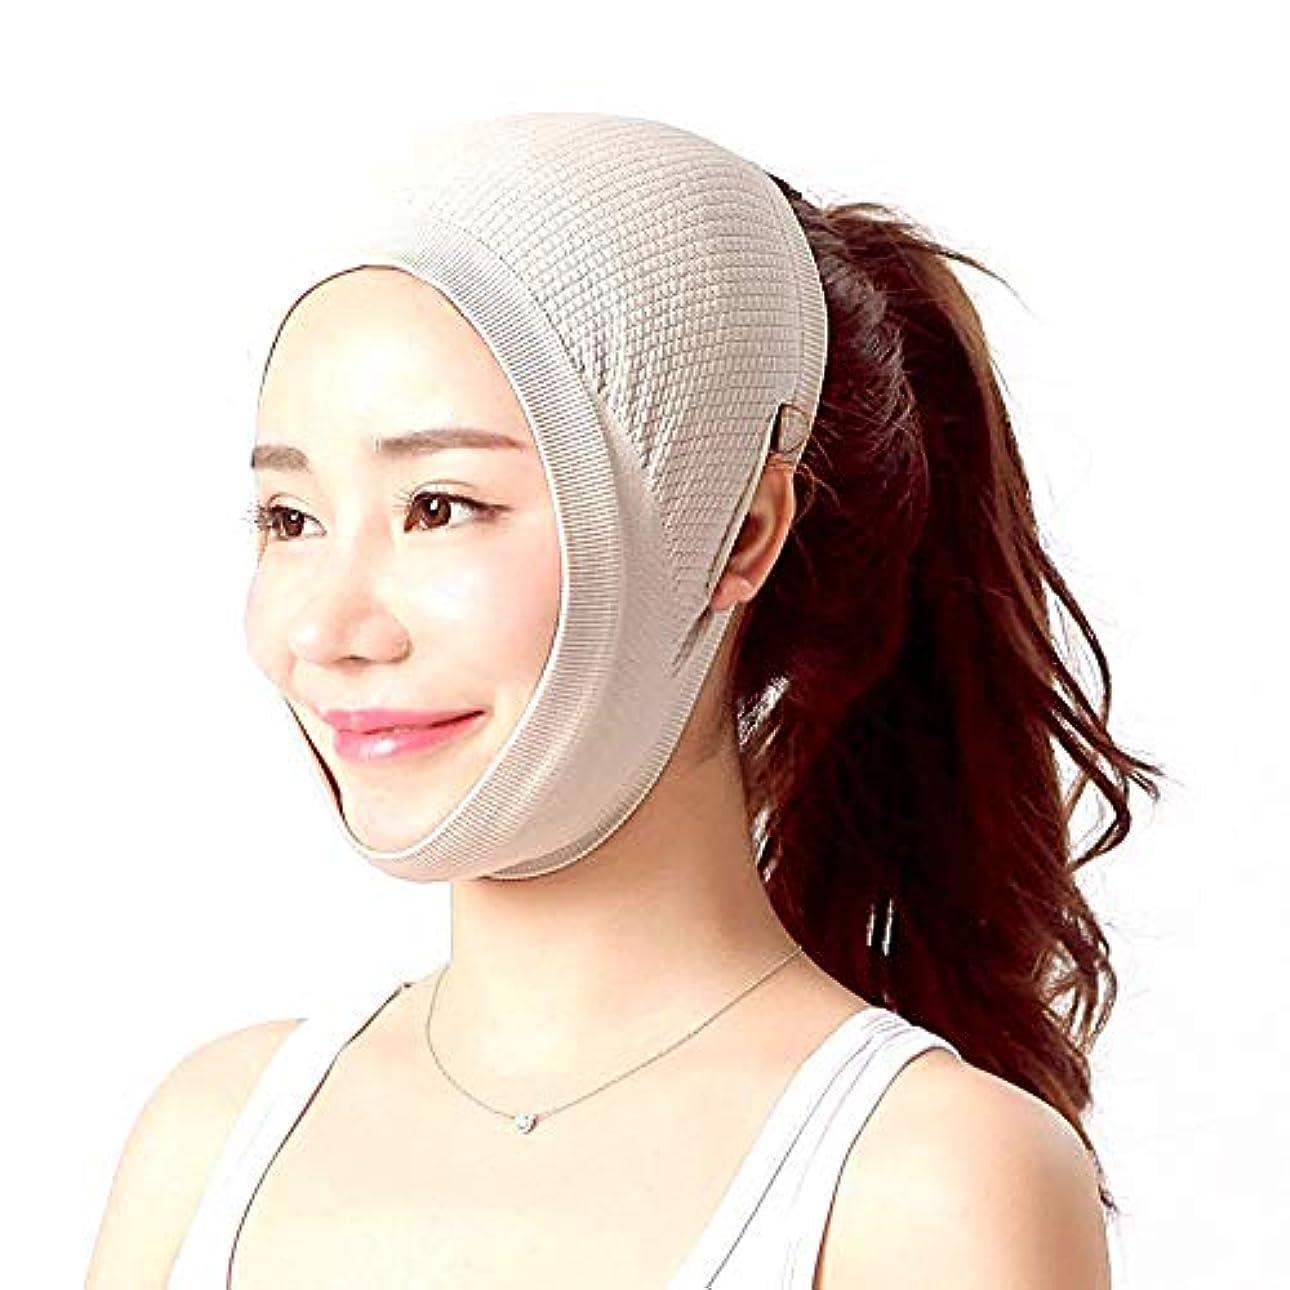 メトロポリタン拾ういたずらGYZ フェイスリフティングアーティファクト包帯ライン術後回復包帯リフティングフェイスフードVフェイス包帯リフティングVフェイス美容マスク - 肌のトーン Thin Face Belt